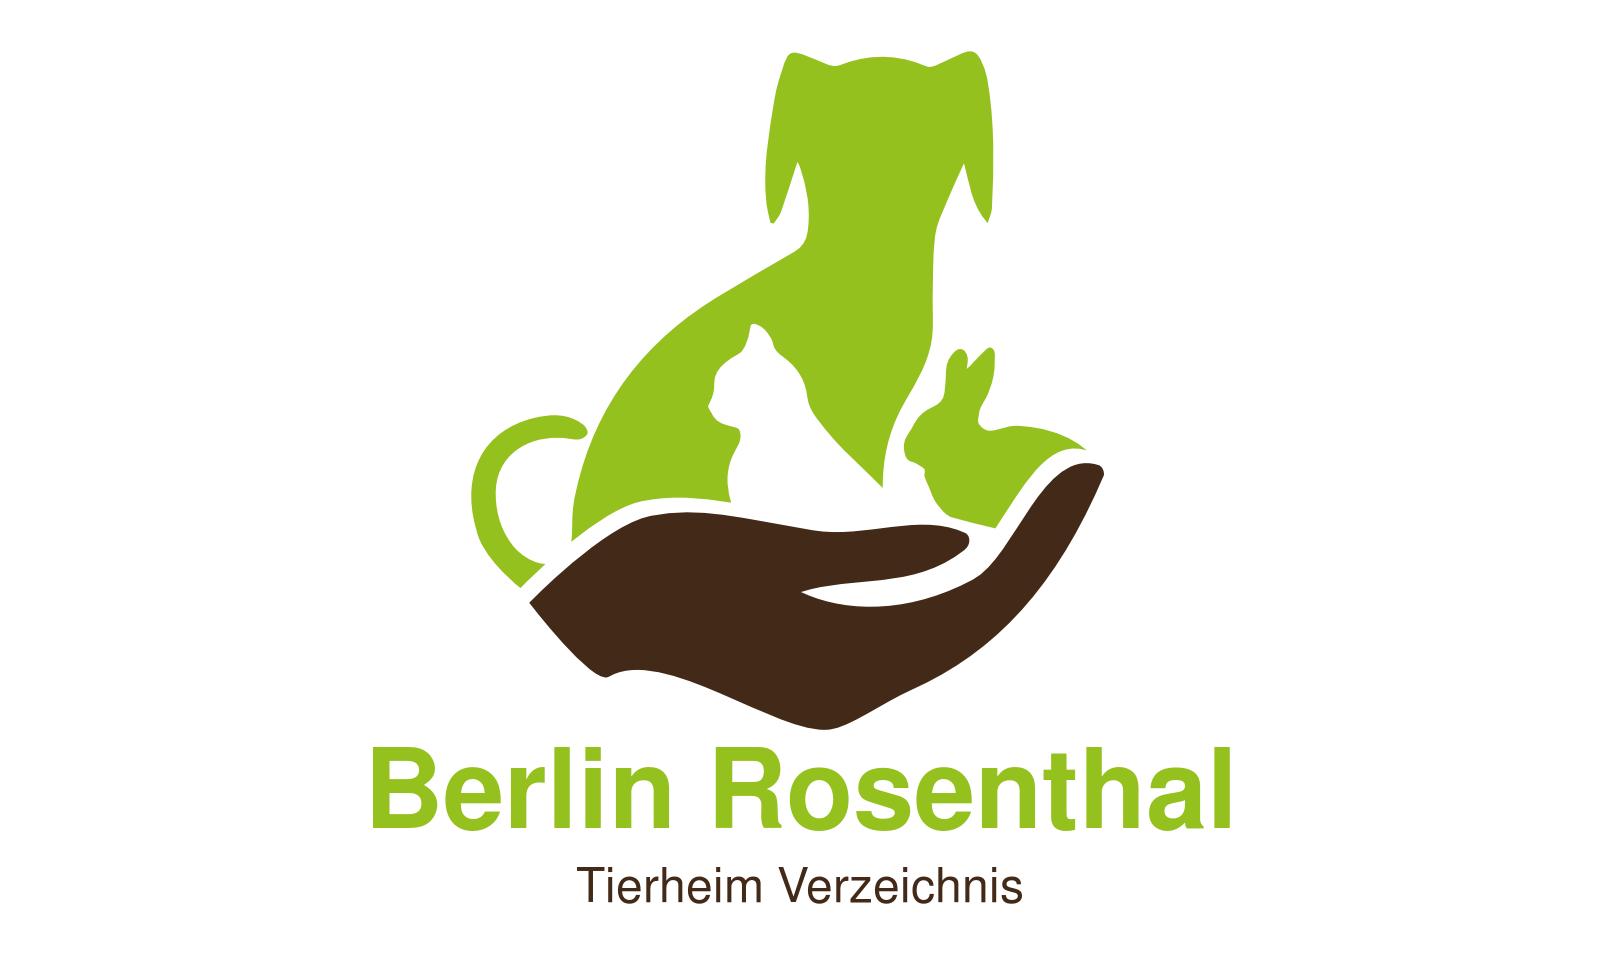 Tierheim Berlin Rosenthal